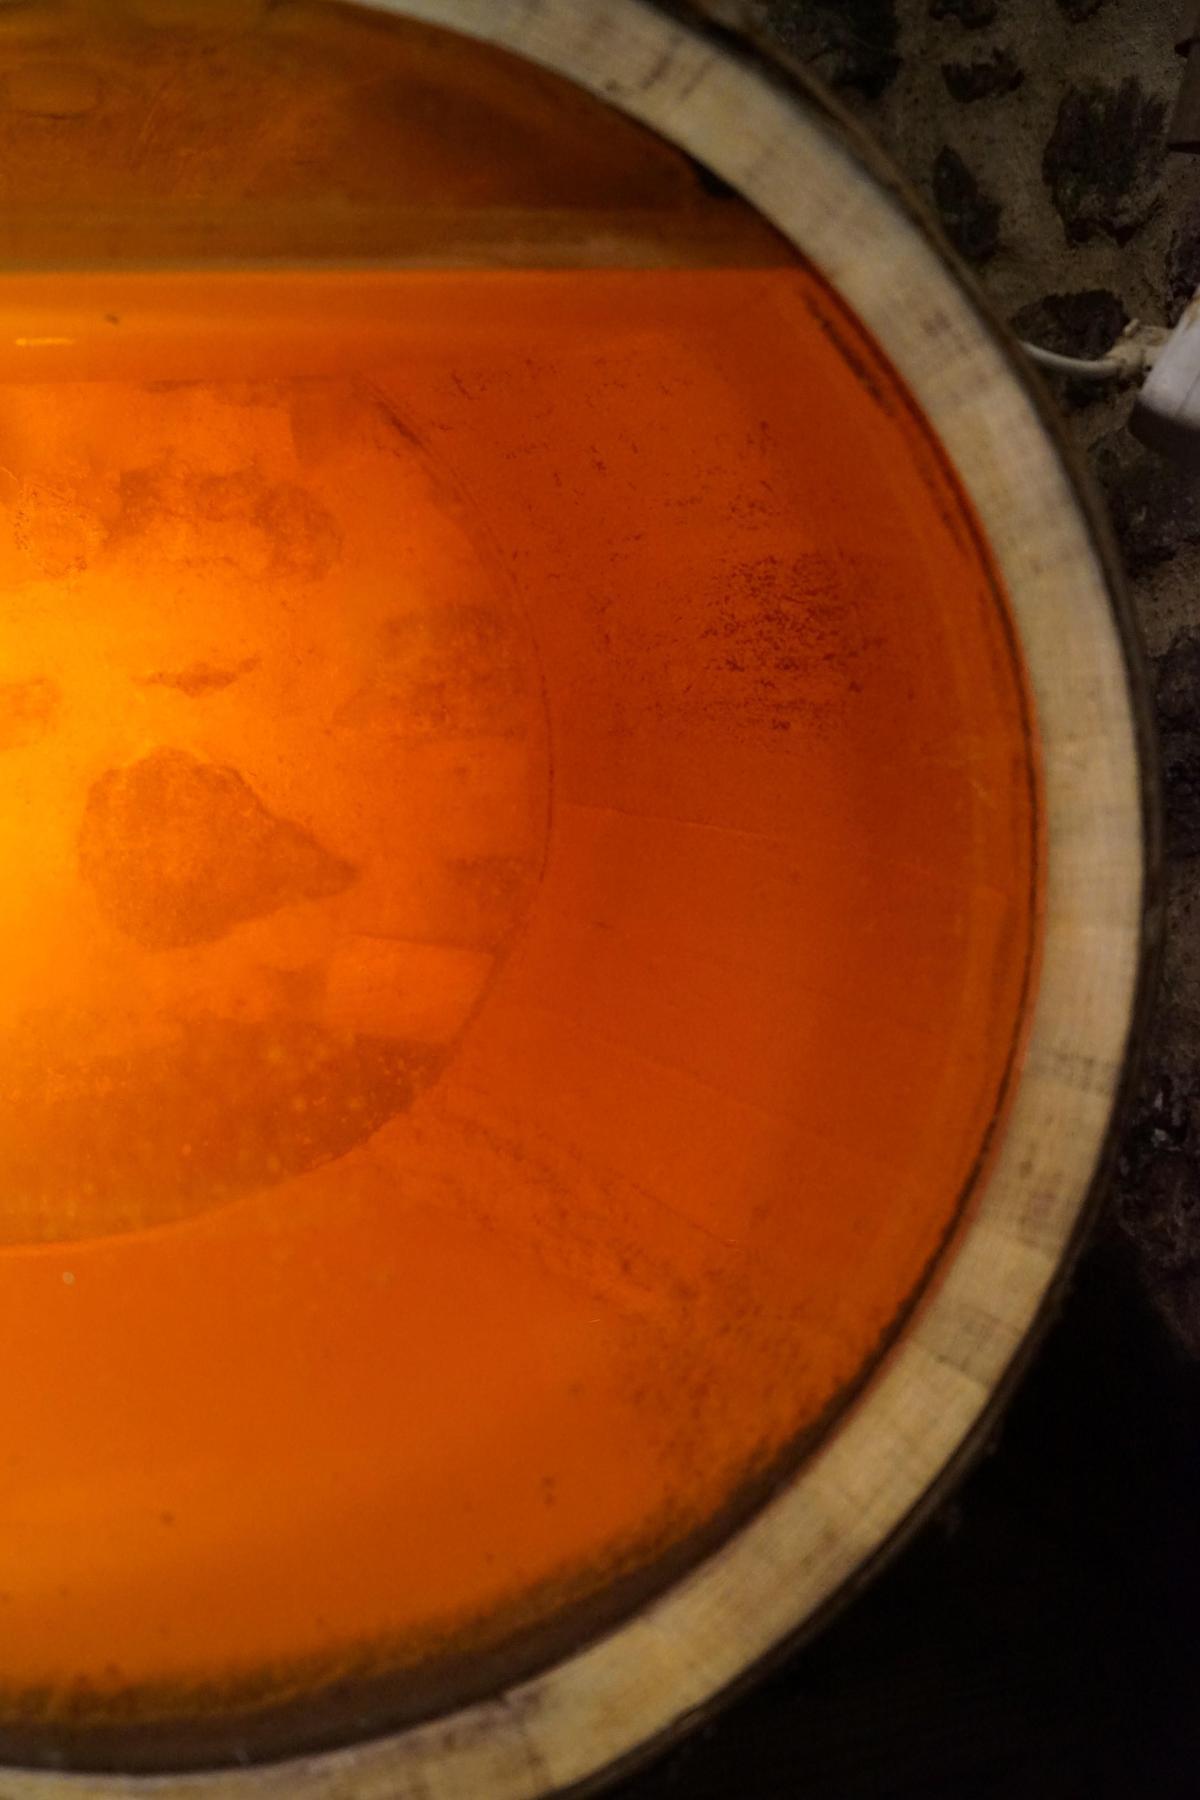 法國侏羅區(Jura)保留不添桶的氧化式釀酒傳統,桶中保有空隙,酒液表層容易長出一層自然酵母。(林裕森提供)